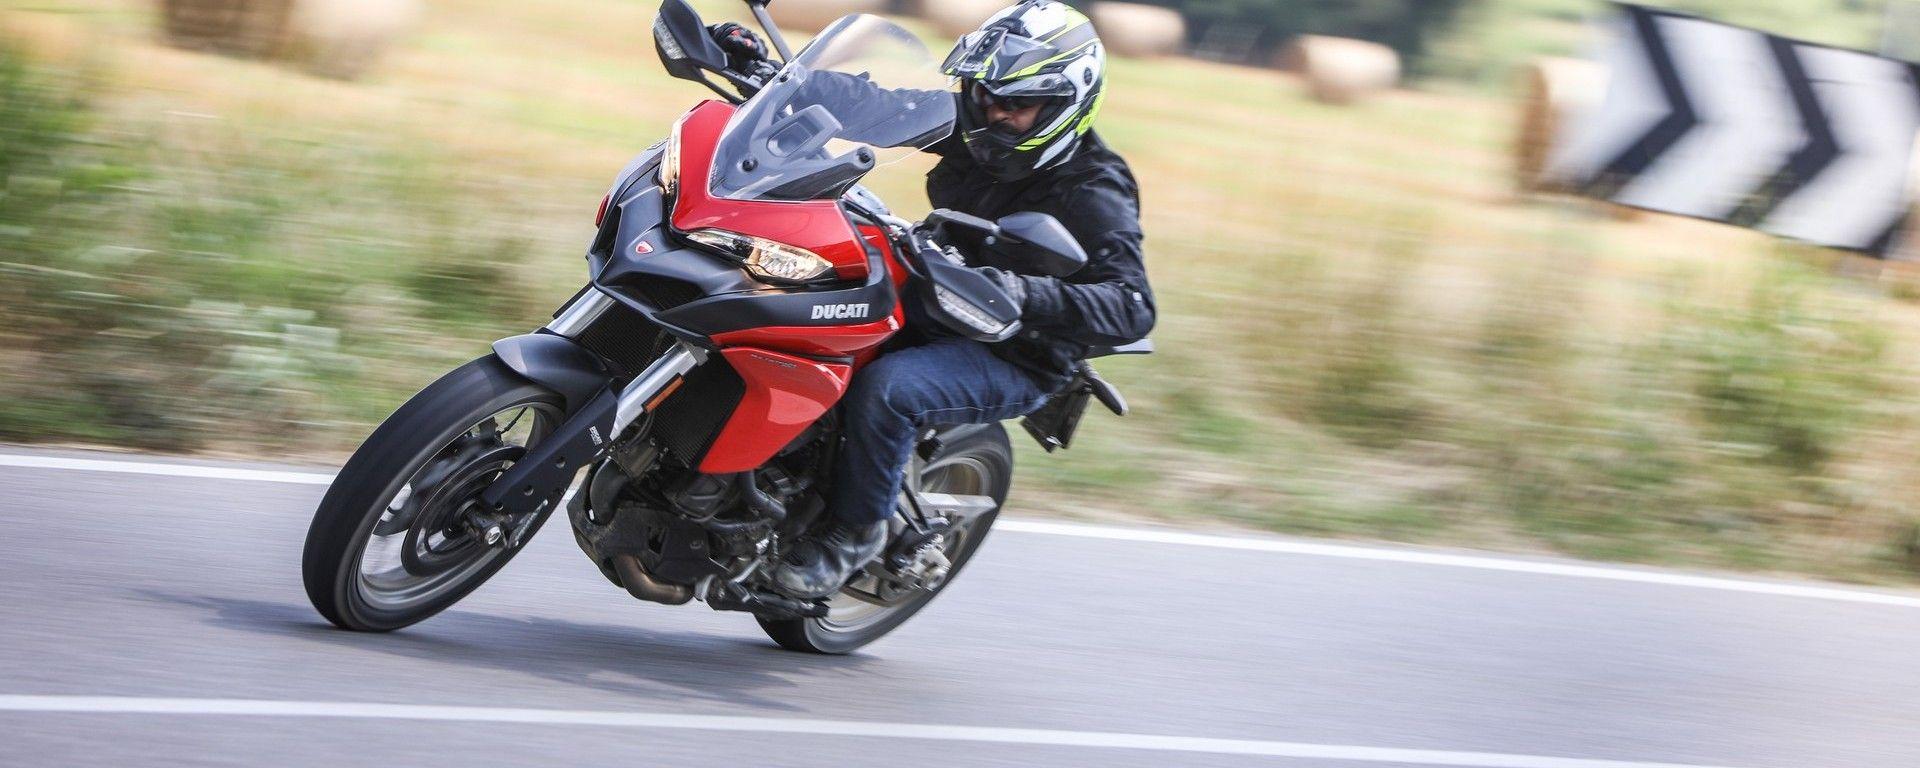 Ducati Multitrada 950: la prova su strada